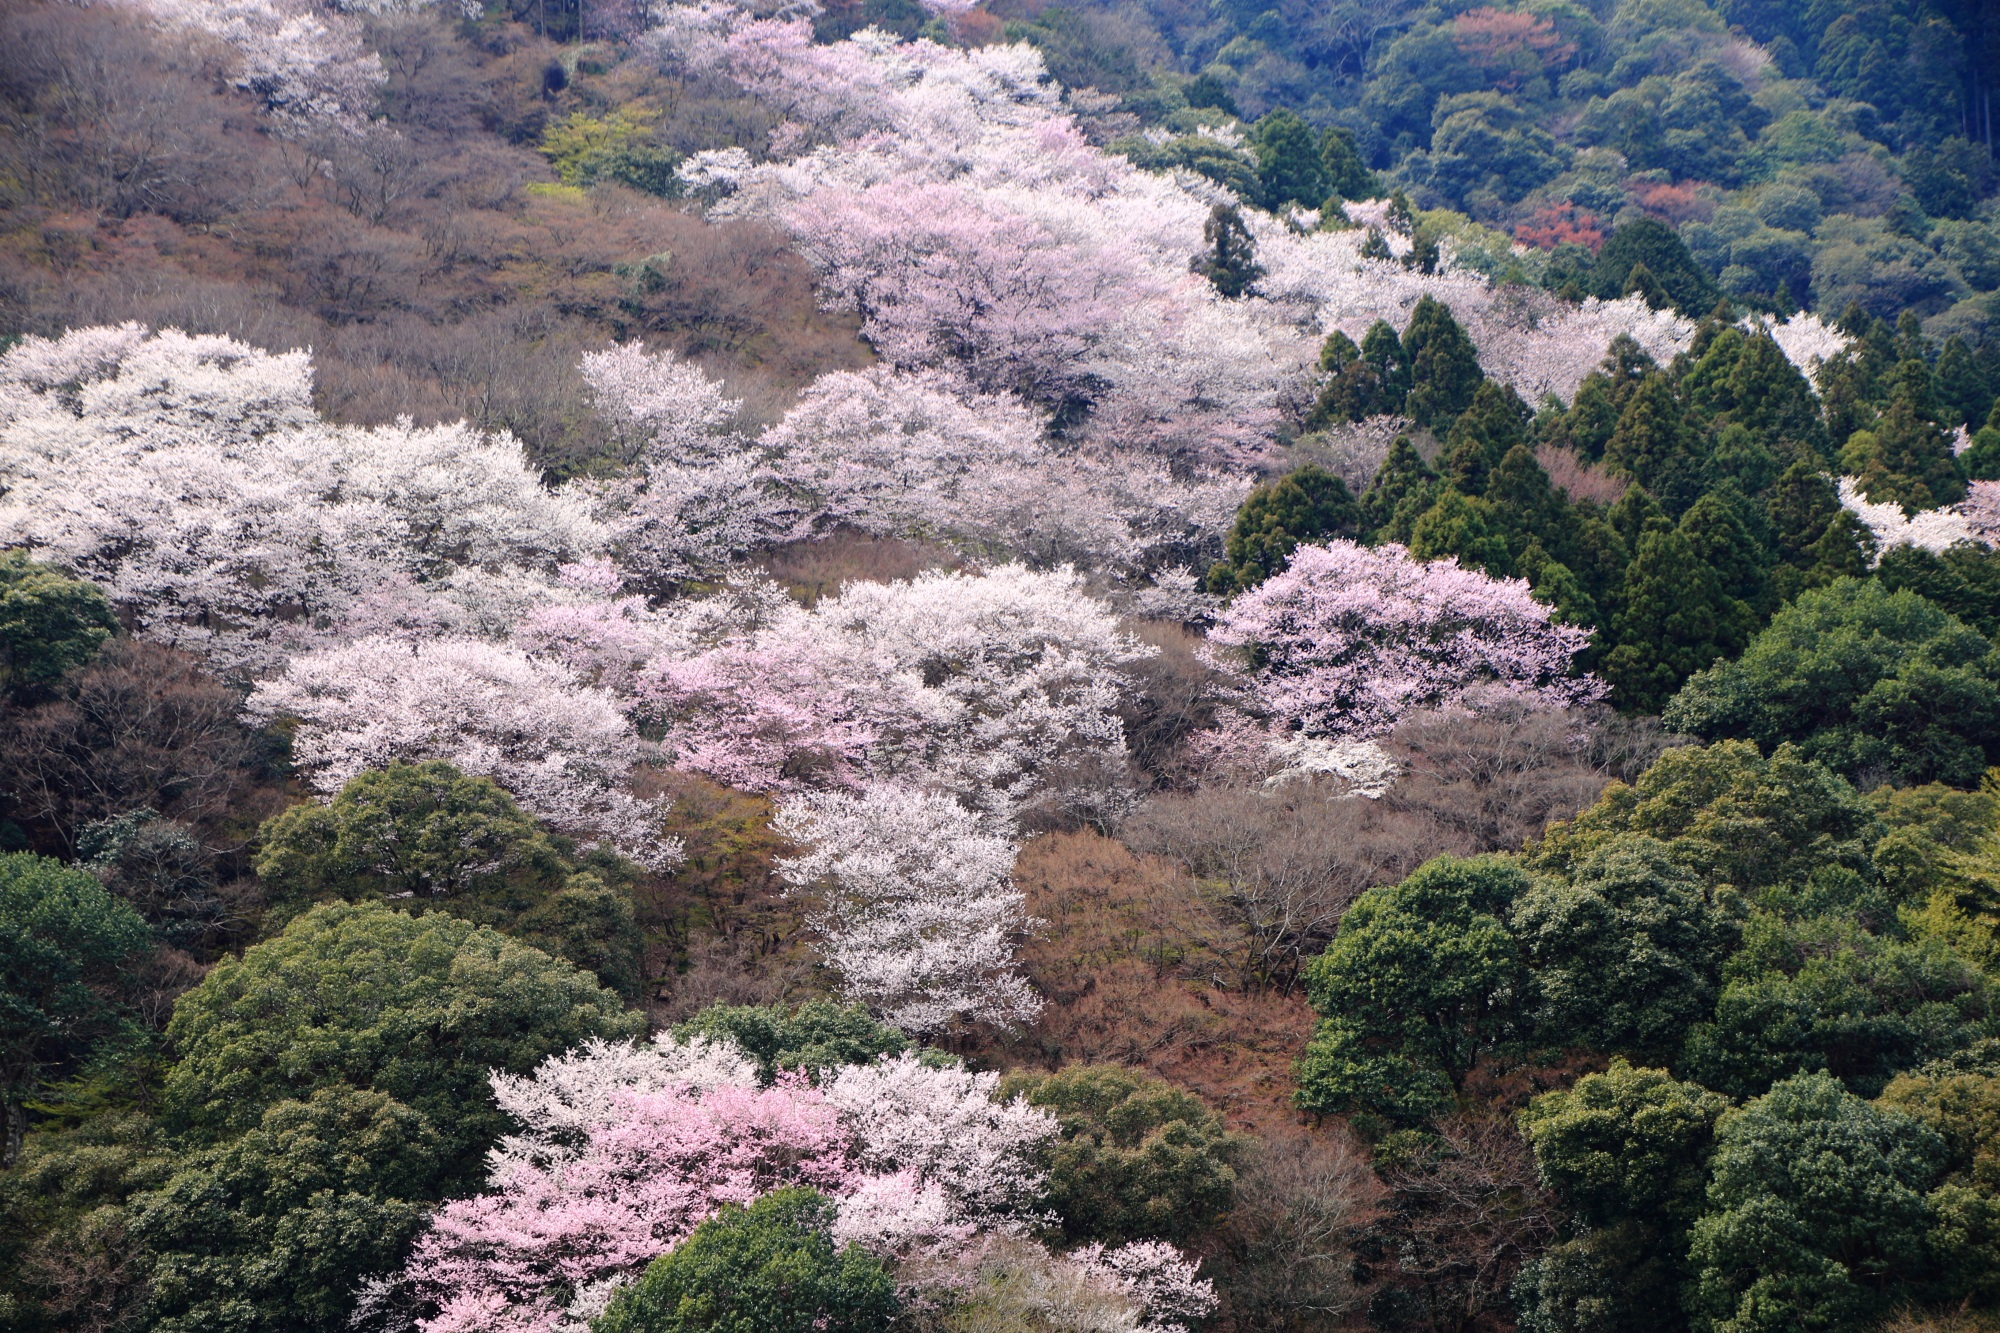 嵐山を染めるピンクと白の桜 春の嵐山公園 亀山地区